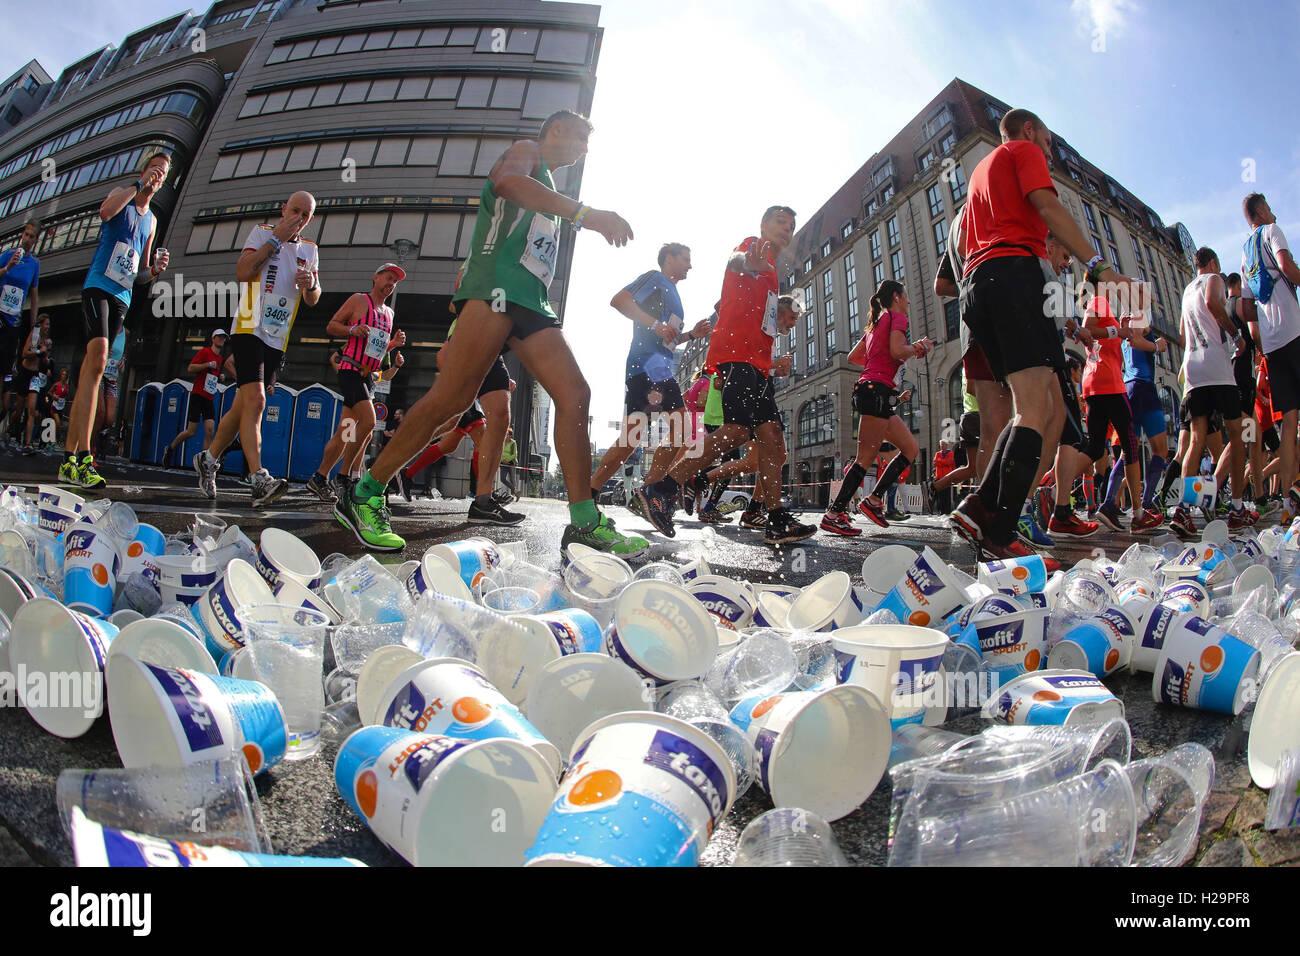 Berlin, Deutschland. 25. September 2016. Hobby-Sportler bei der 43. Ausgabe des Berlin-Marathon statt in Berlin. Stockbild